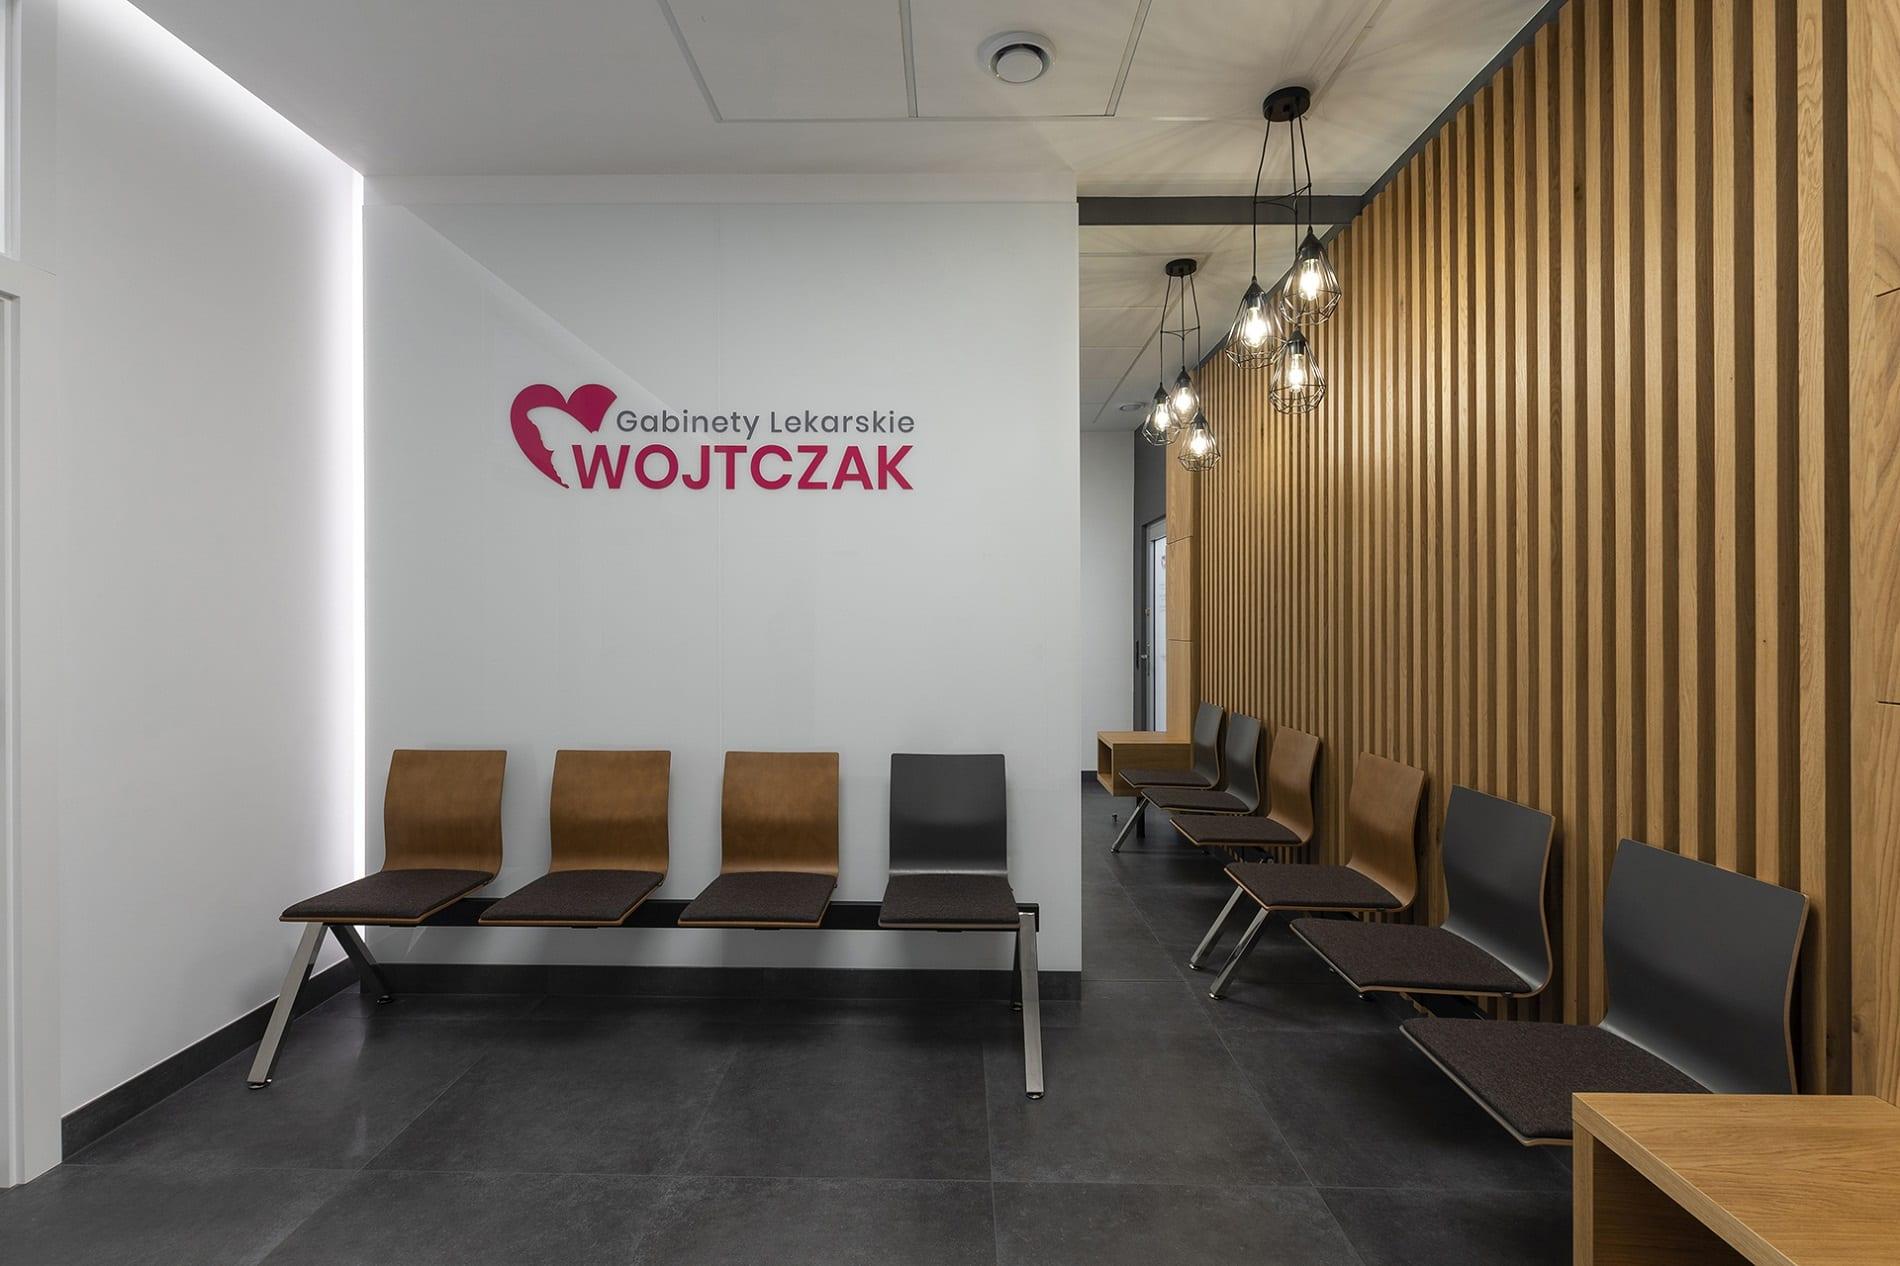 projekt architektoniczny wnętrza Gabinety Lekarskie Wojtczak - projektowanie wnętrz Prima Wrocław